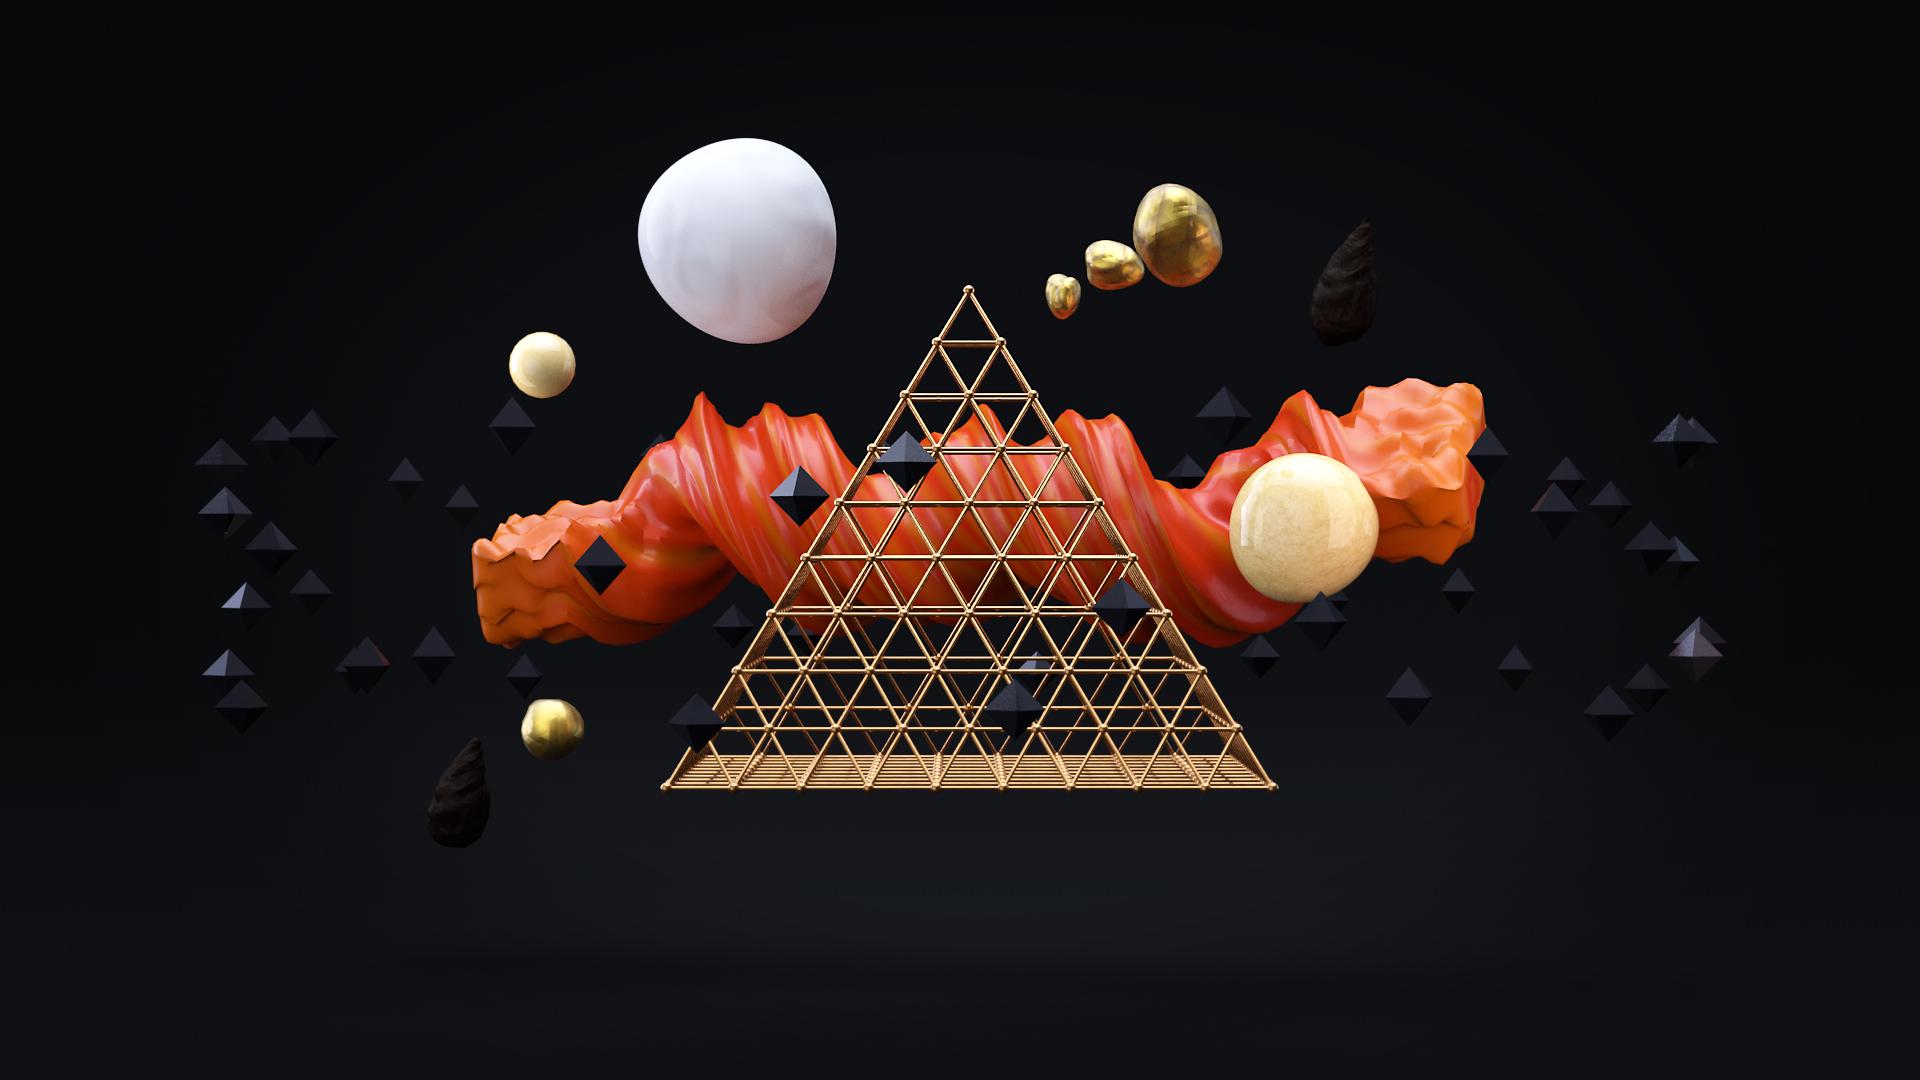 abstrat_shape_number_3